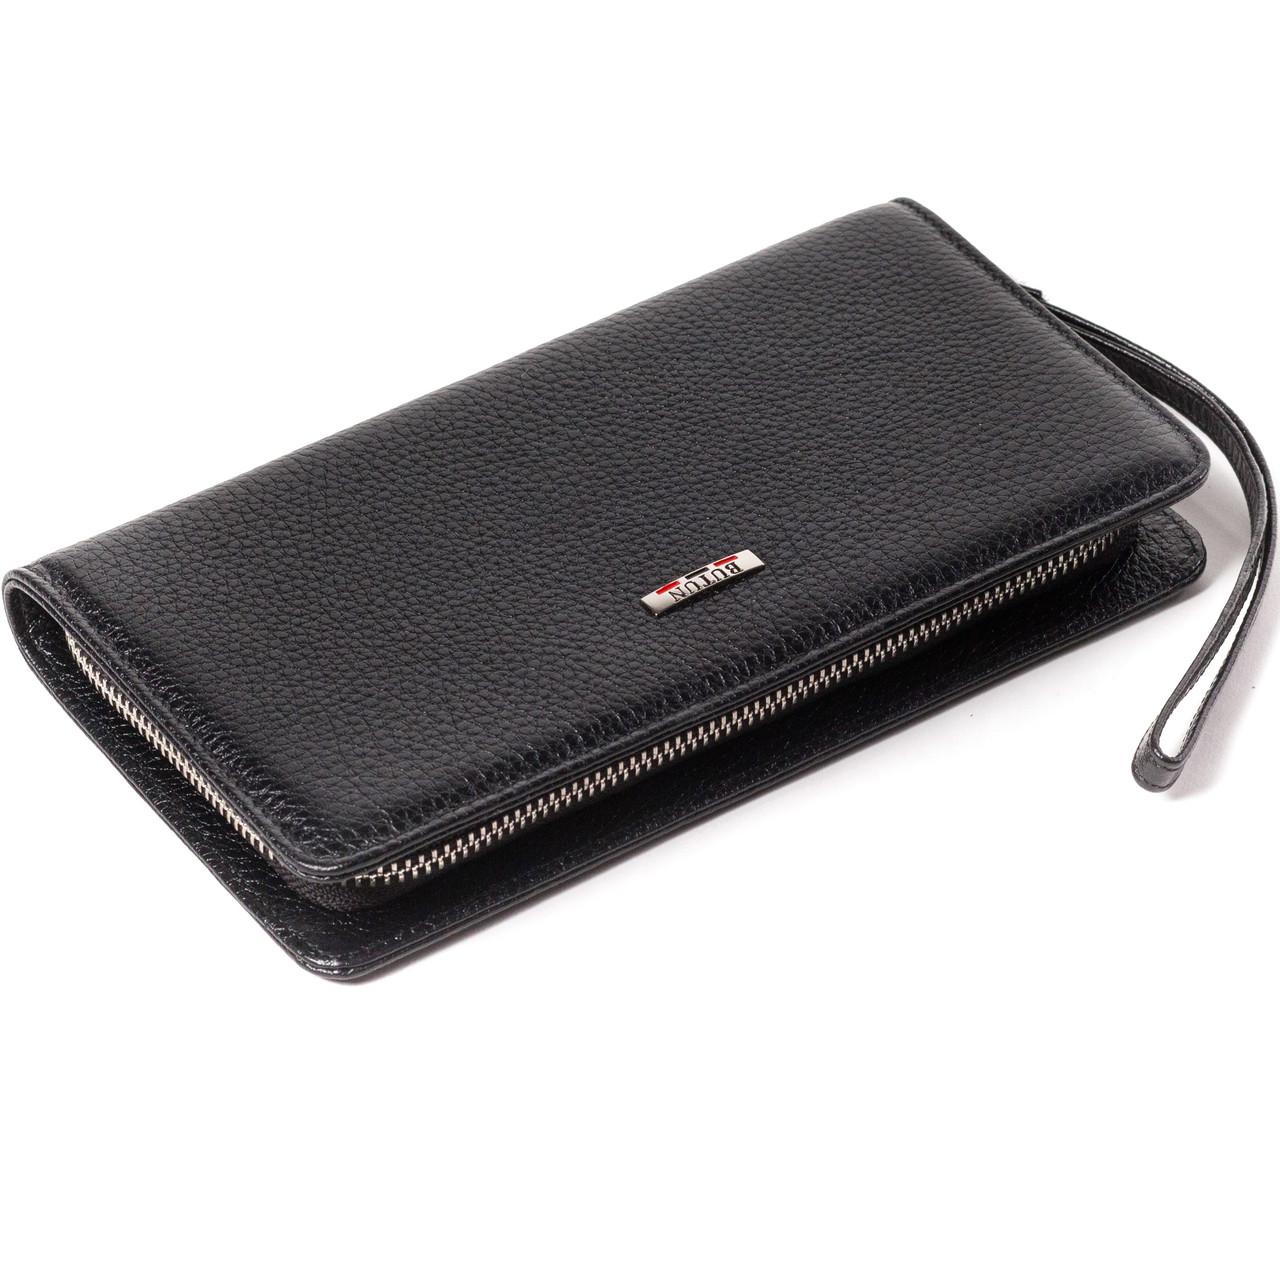 Женский кошелек клатч кожаный черный BUTUN 096-004-001